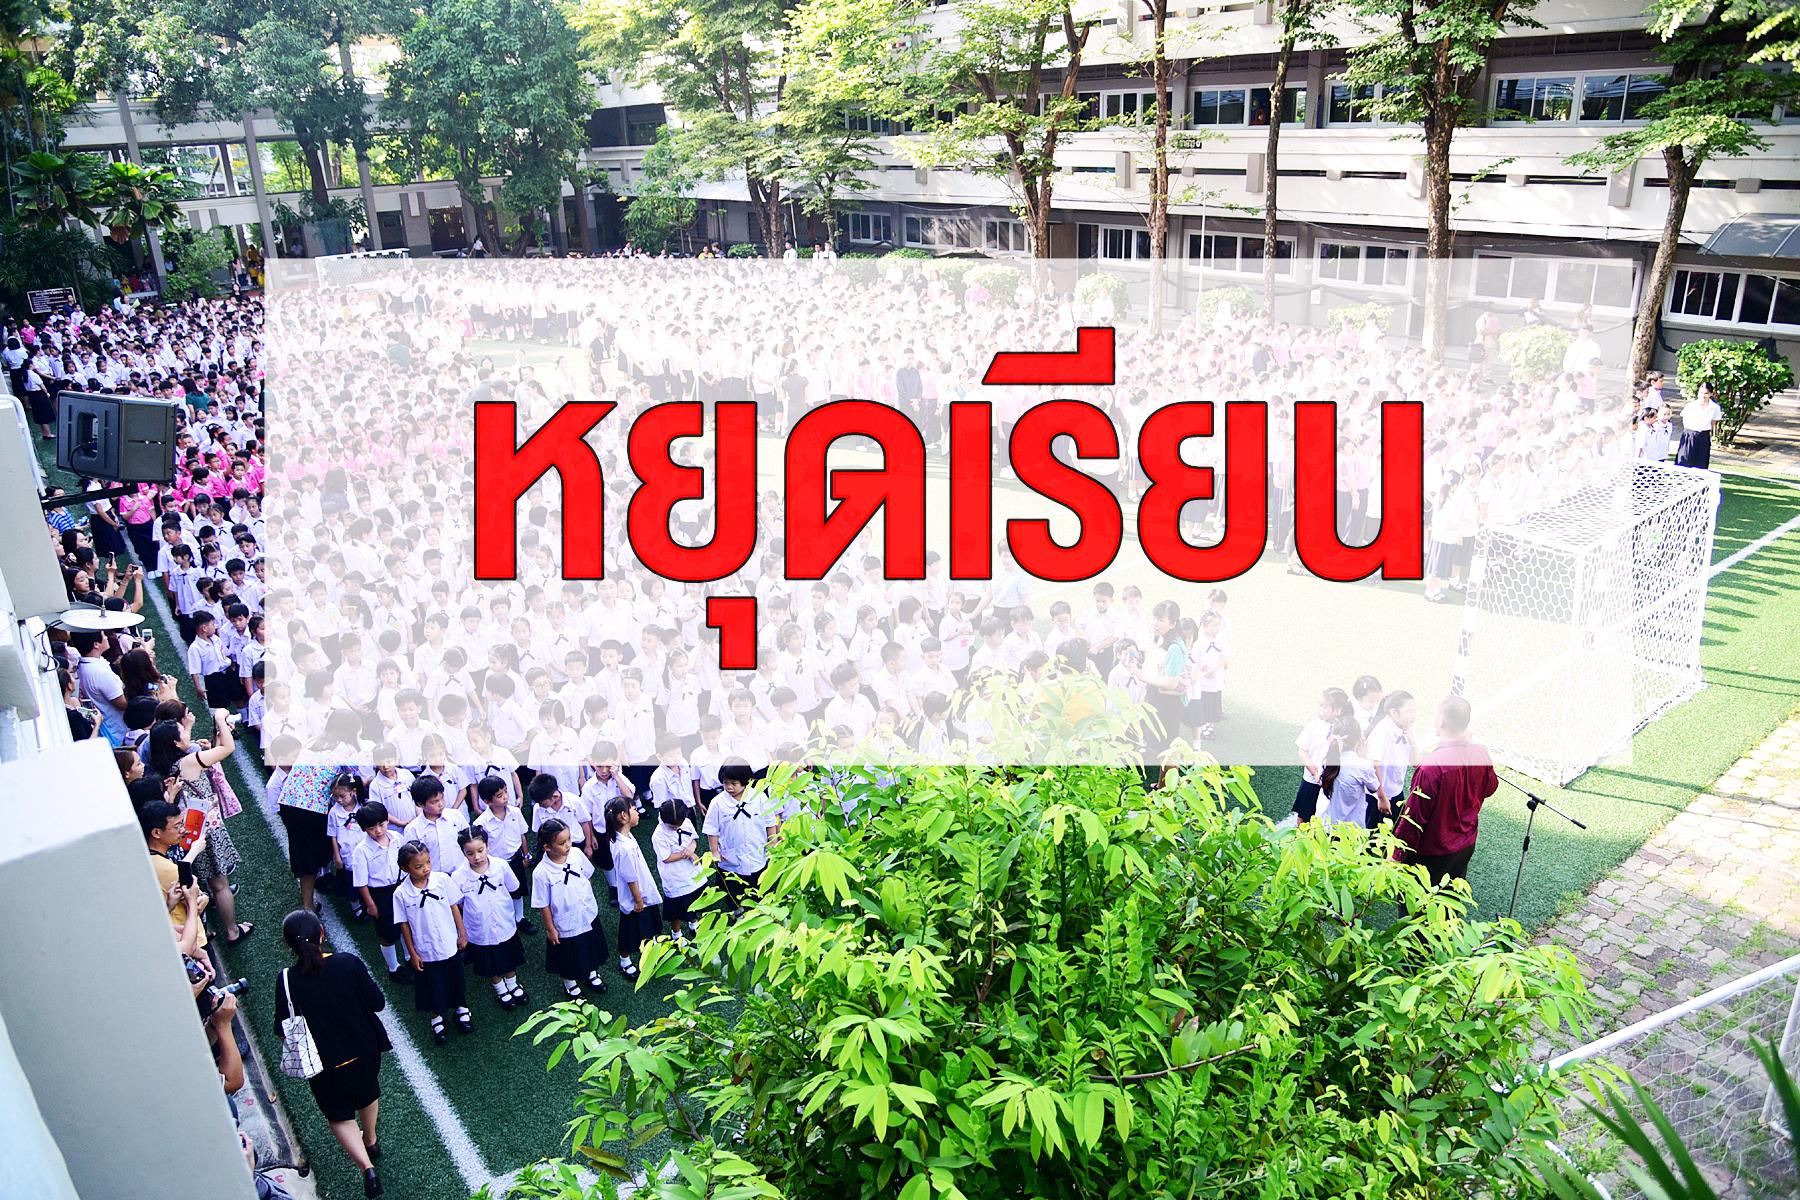 ฝุ่นละออง PM2.5 โรงเรียน โรงเรียนรุ่งอรุณ โรงเรียนสาธิตจุฬาฯ ฝ่ายประถม โรงเรียนหยุดเรียน ไข้หวัด